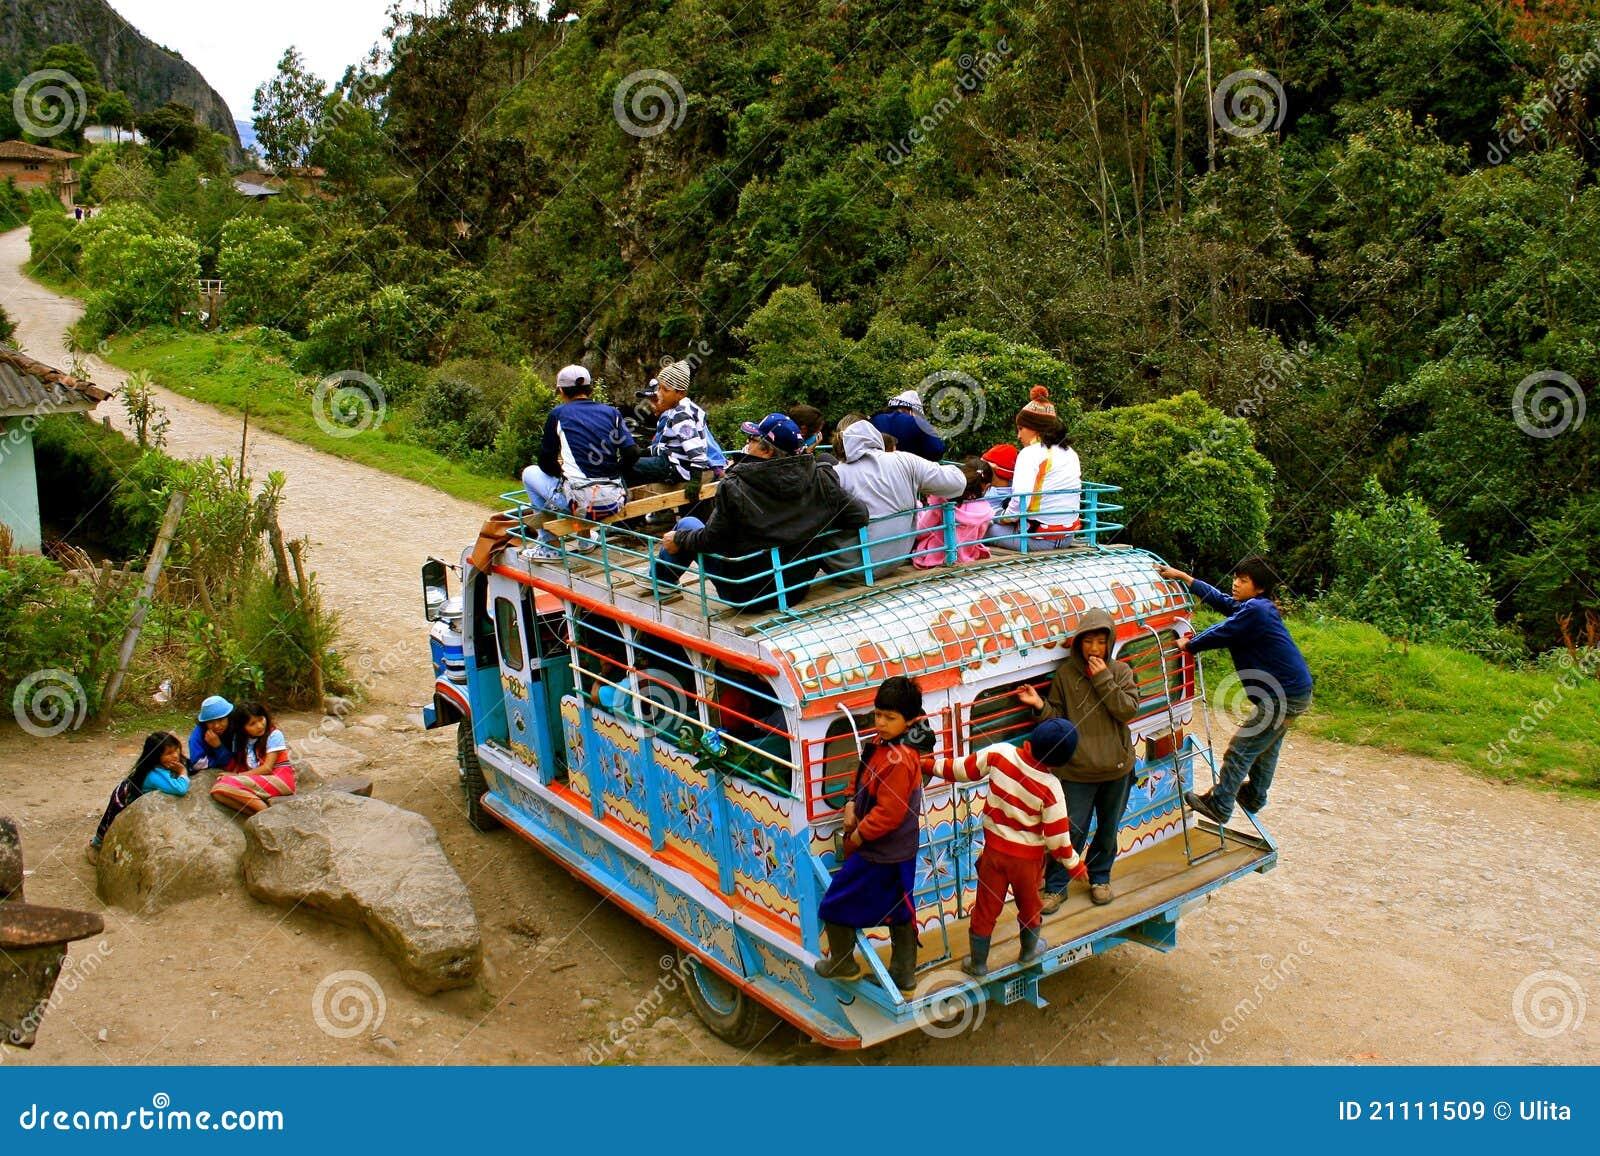 Transport en commun en Colombie rurale